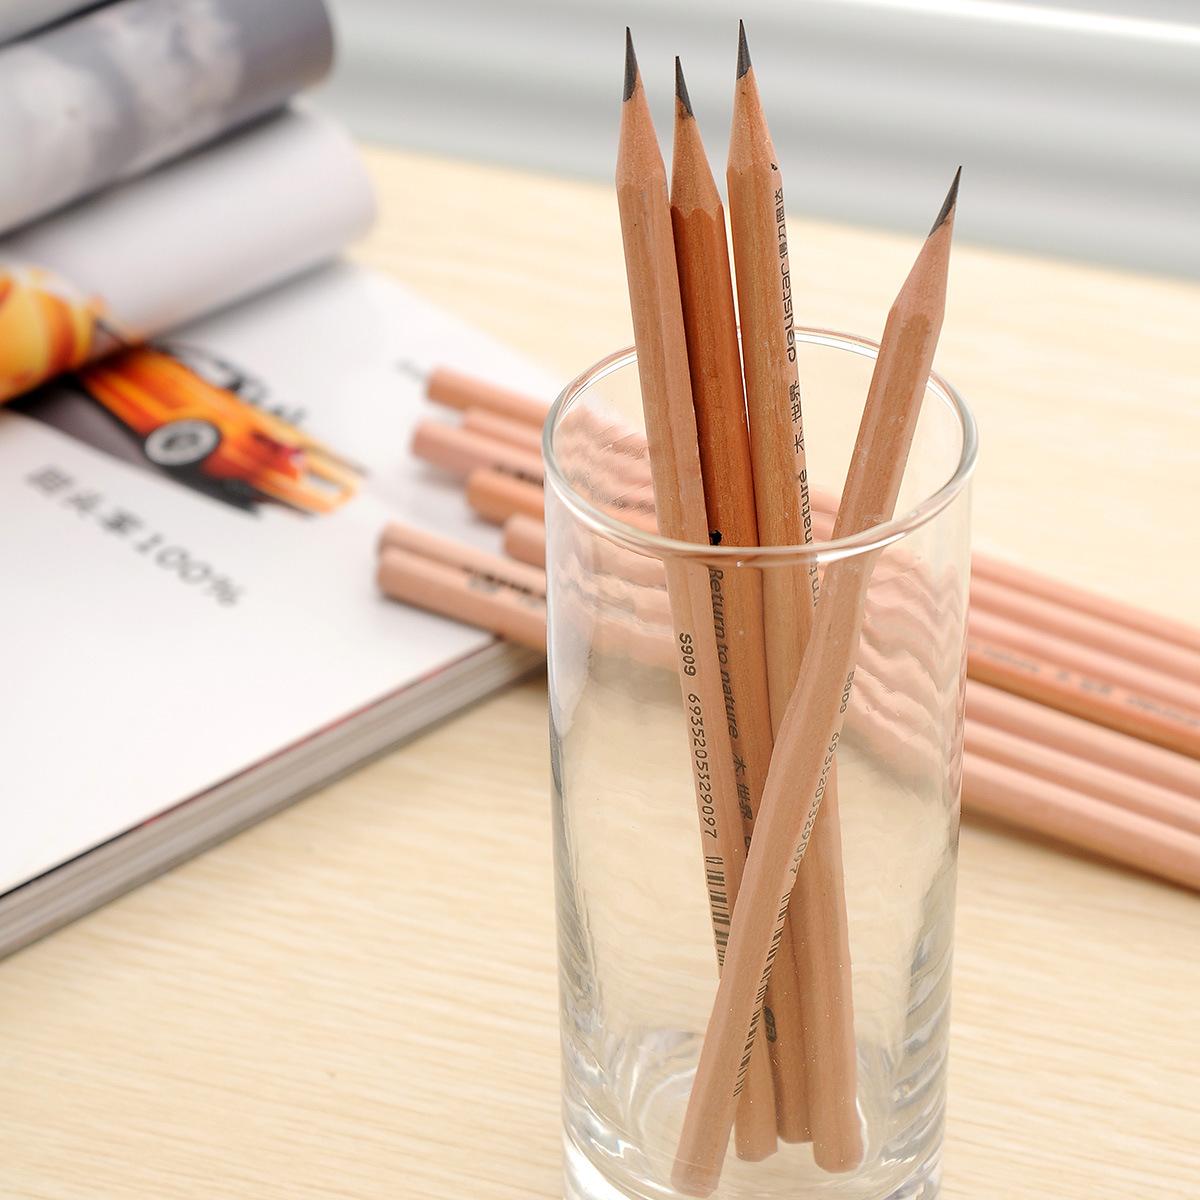 Deli S910 Log Pencil Student Pencil HB Pencil Hexagonal Cartoon Vẽ Pencil 12 cái / Hộp